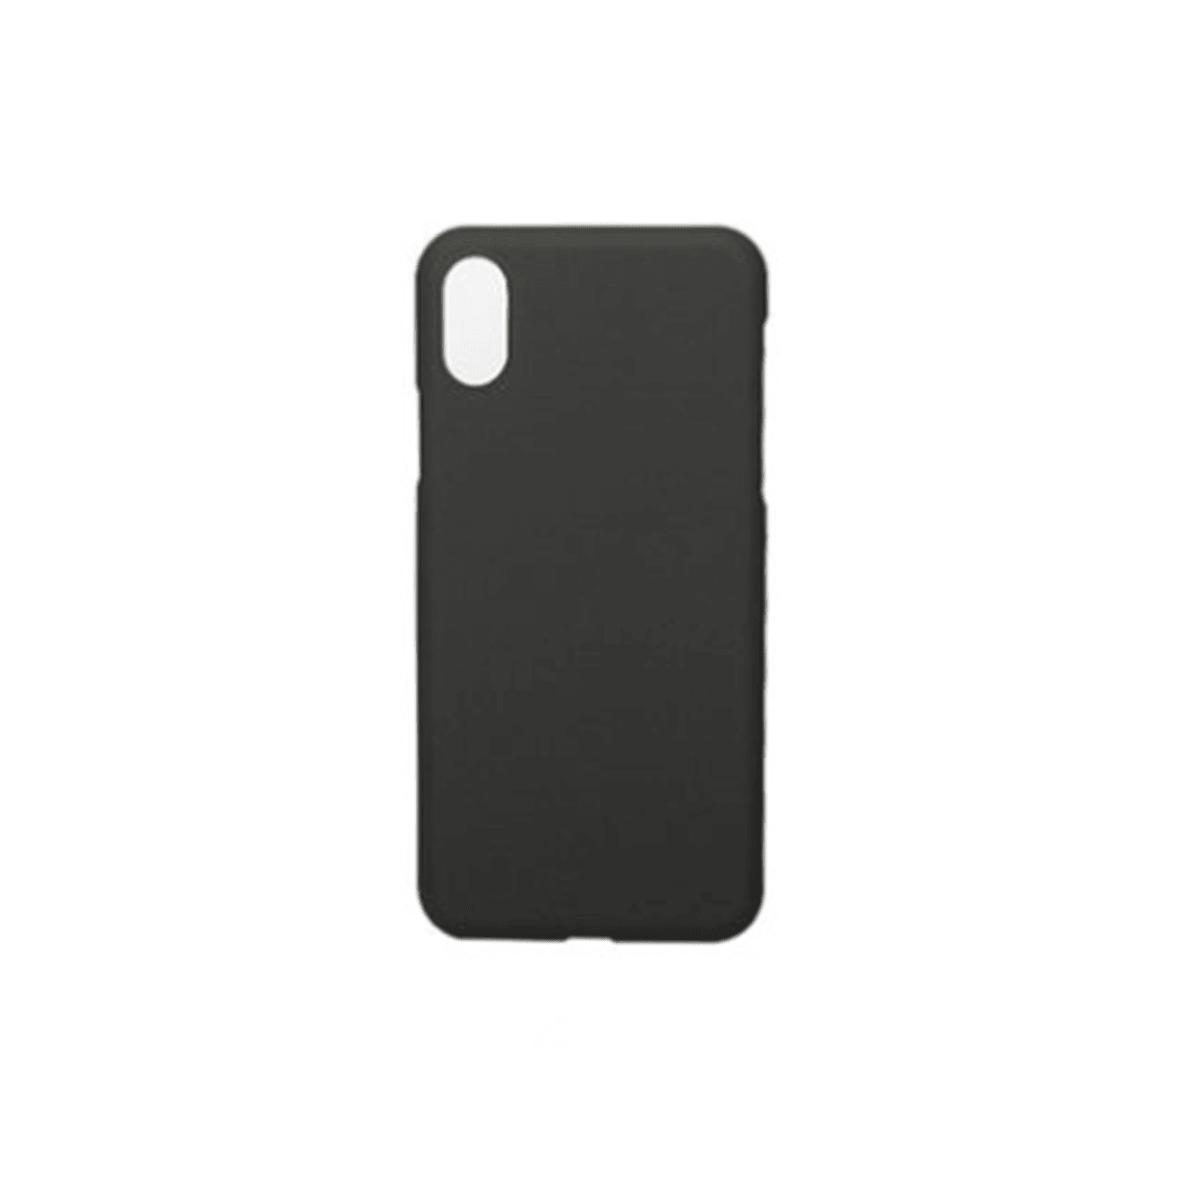 冇心良品(MAOXIN)新款简约纯色可爱超薄全包硅胶防摔 苹果手机壳 适用 iPhoneX  款式  黑影 怎么样 - 亚米网